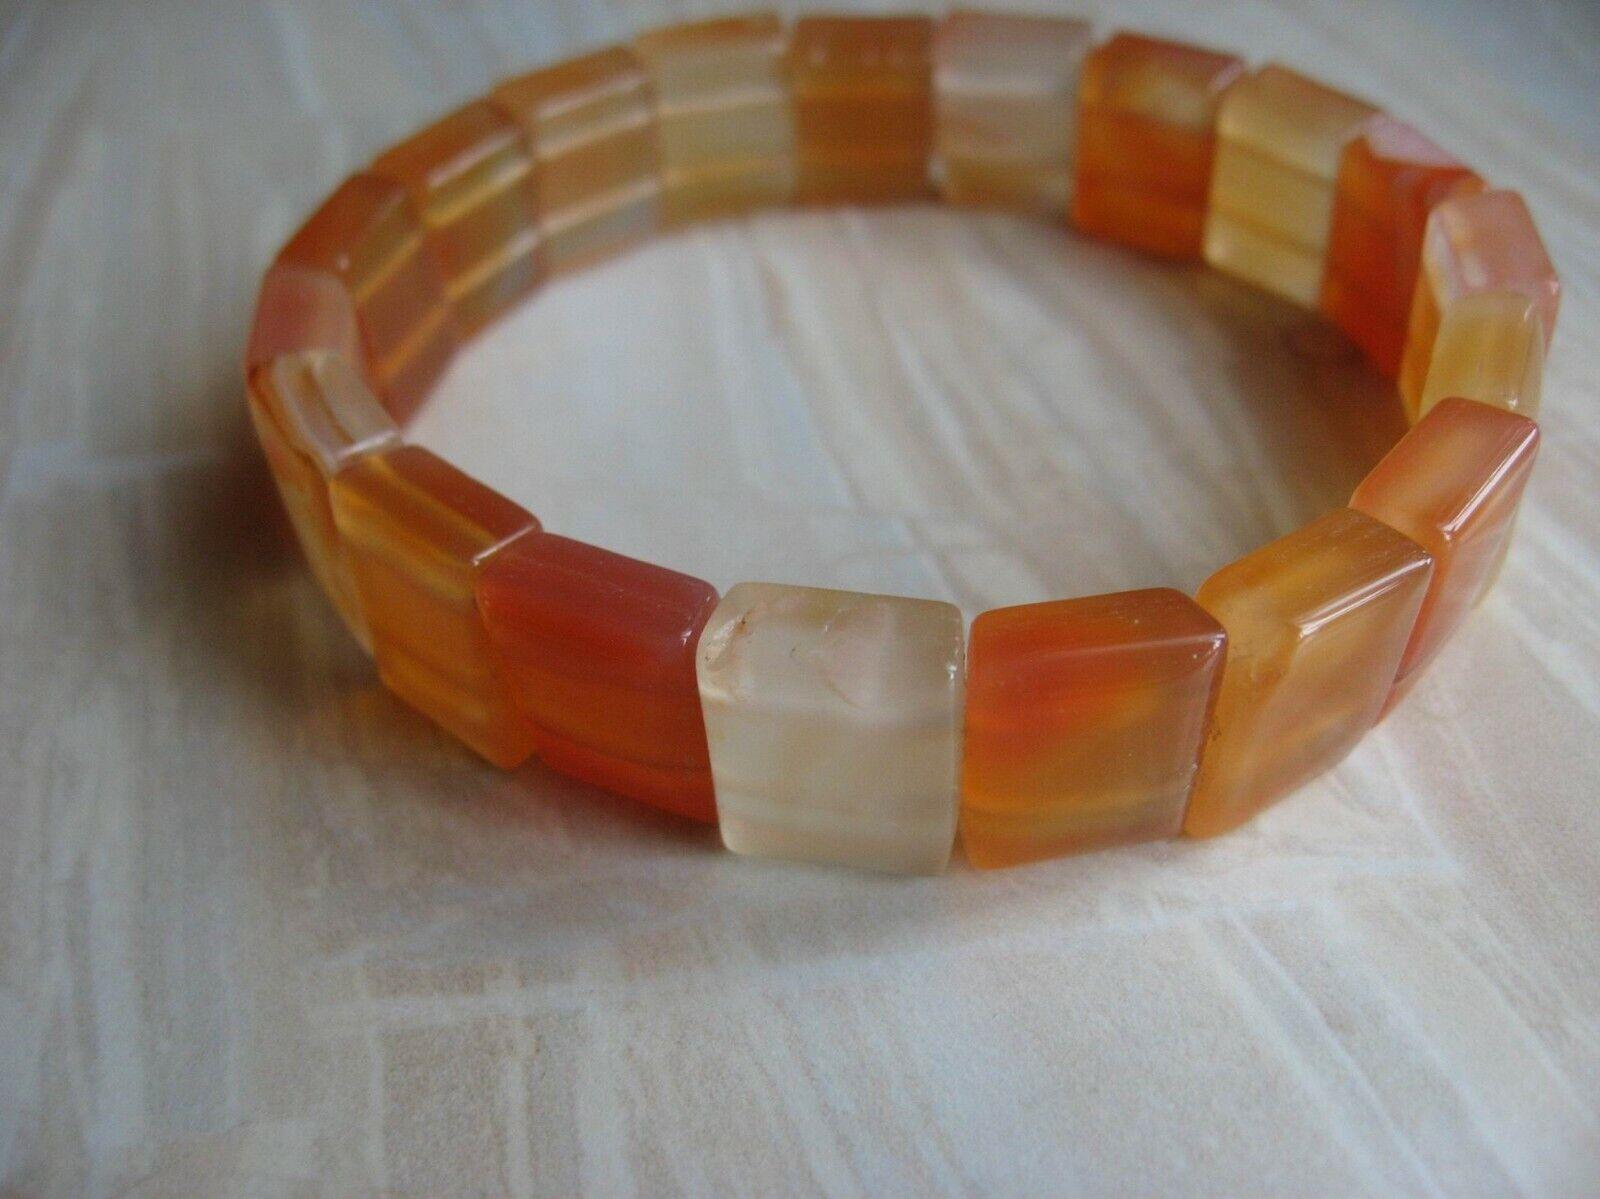 One of a kind Iris Braunstein Bangle Bracelet